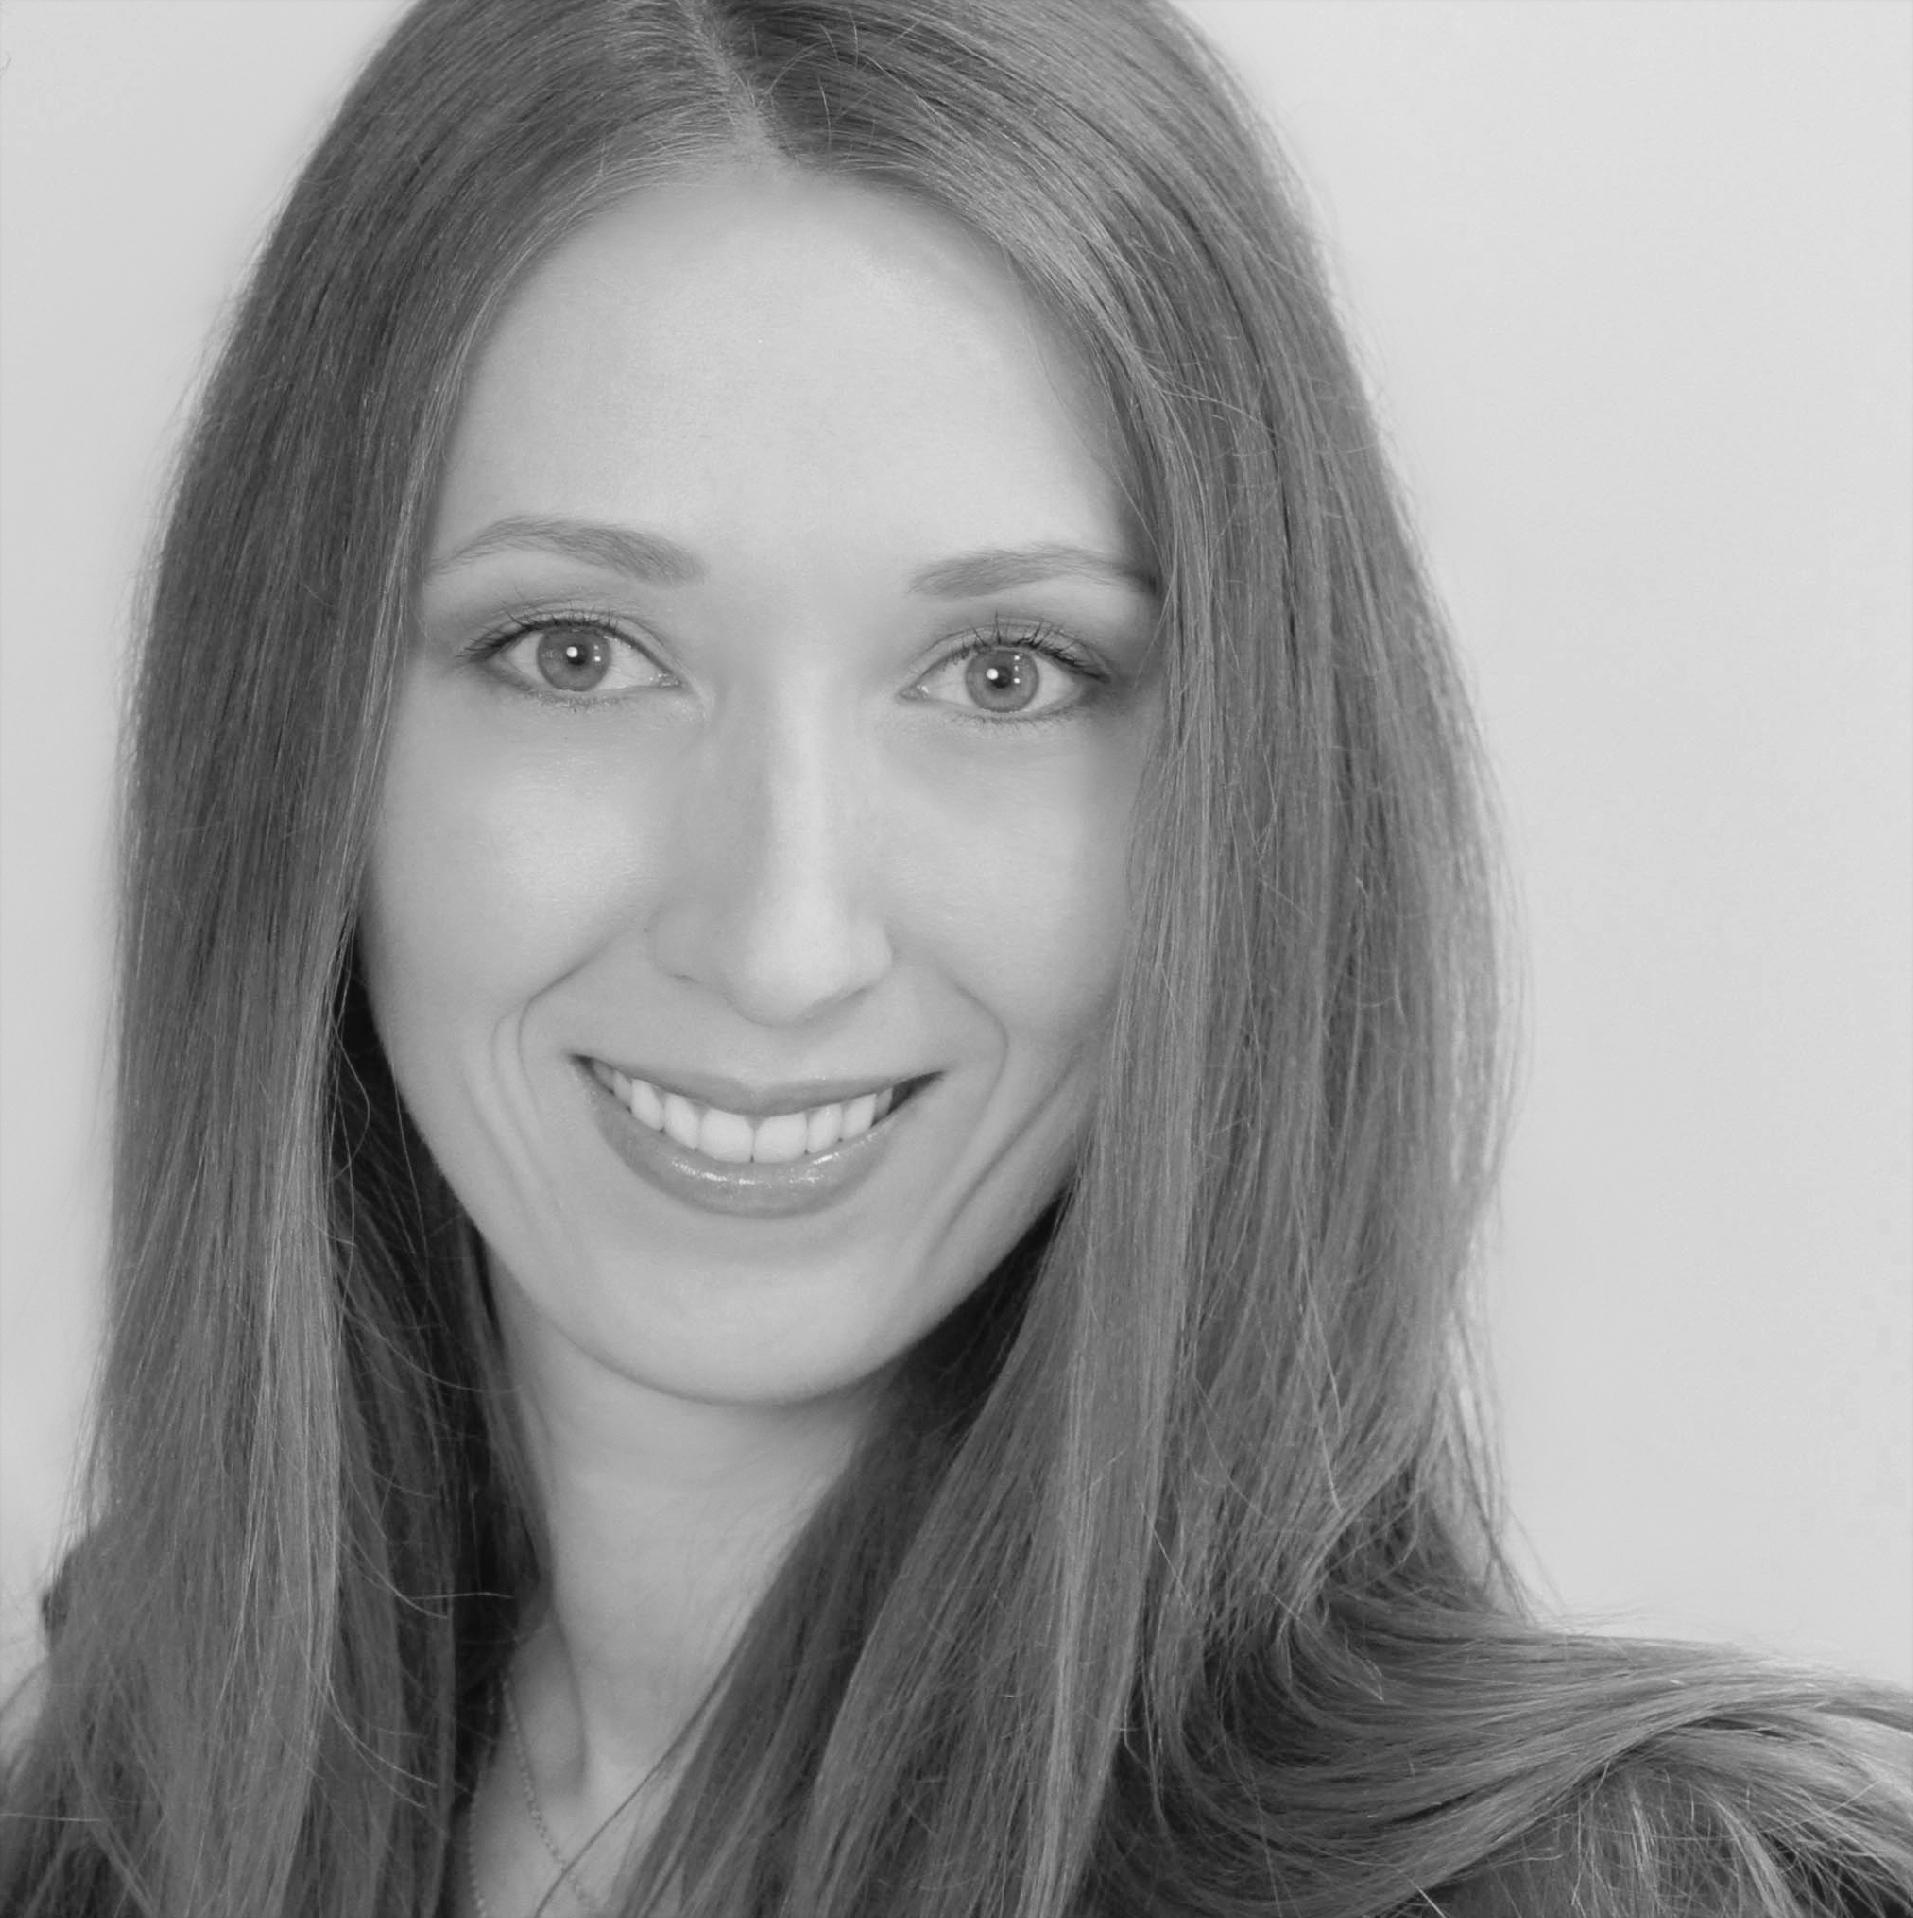 Kelsey Pasqualichio